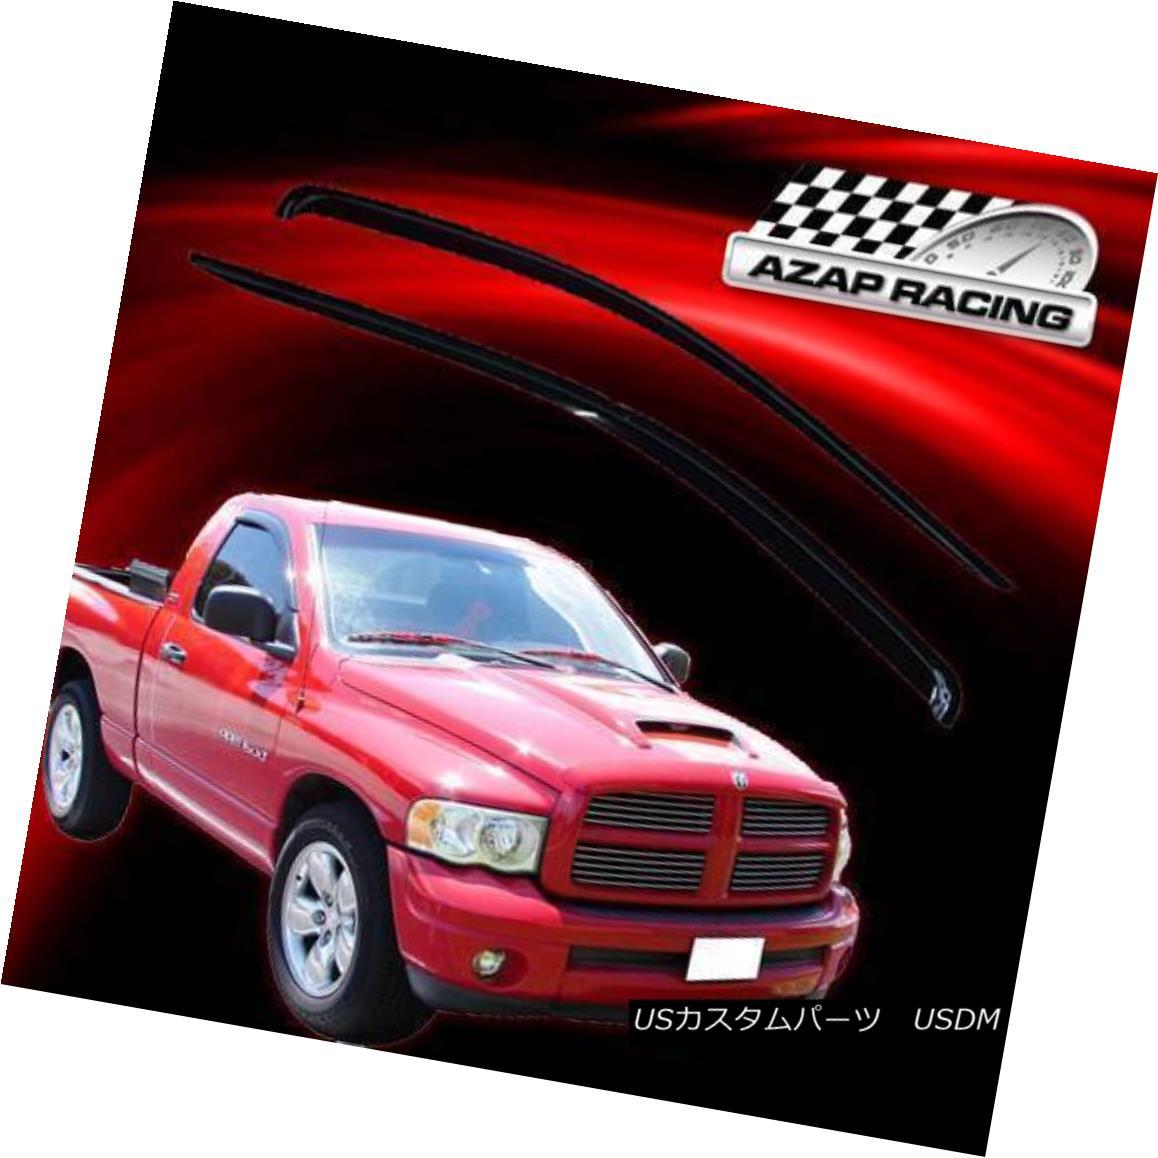 エアロパーツ Fits 02-09 Dodge Ram Regular Cab Slim Acrylic Window Visors 2Pc フィット02-09ダッジラムレギュラーキャブスリムアクリルウィンドウバイザー2Pc